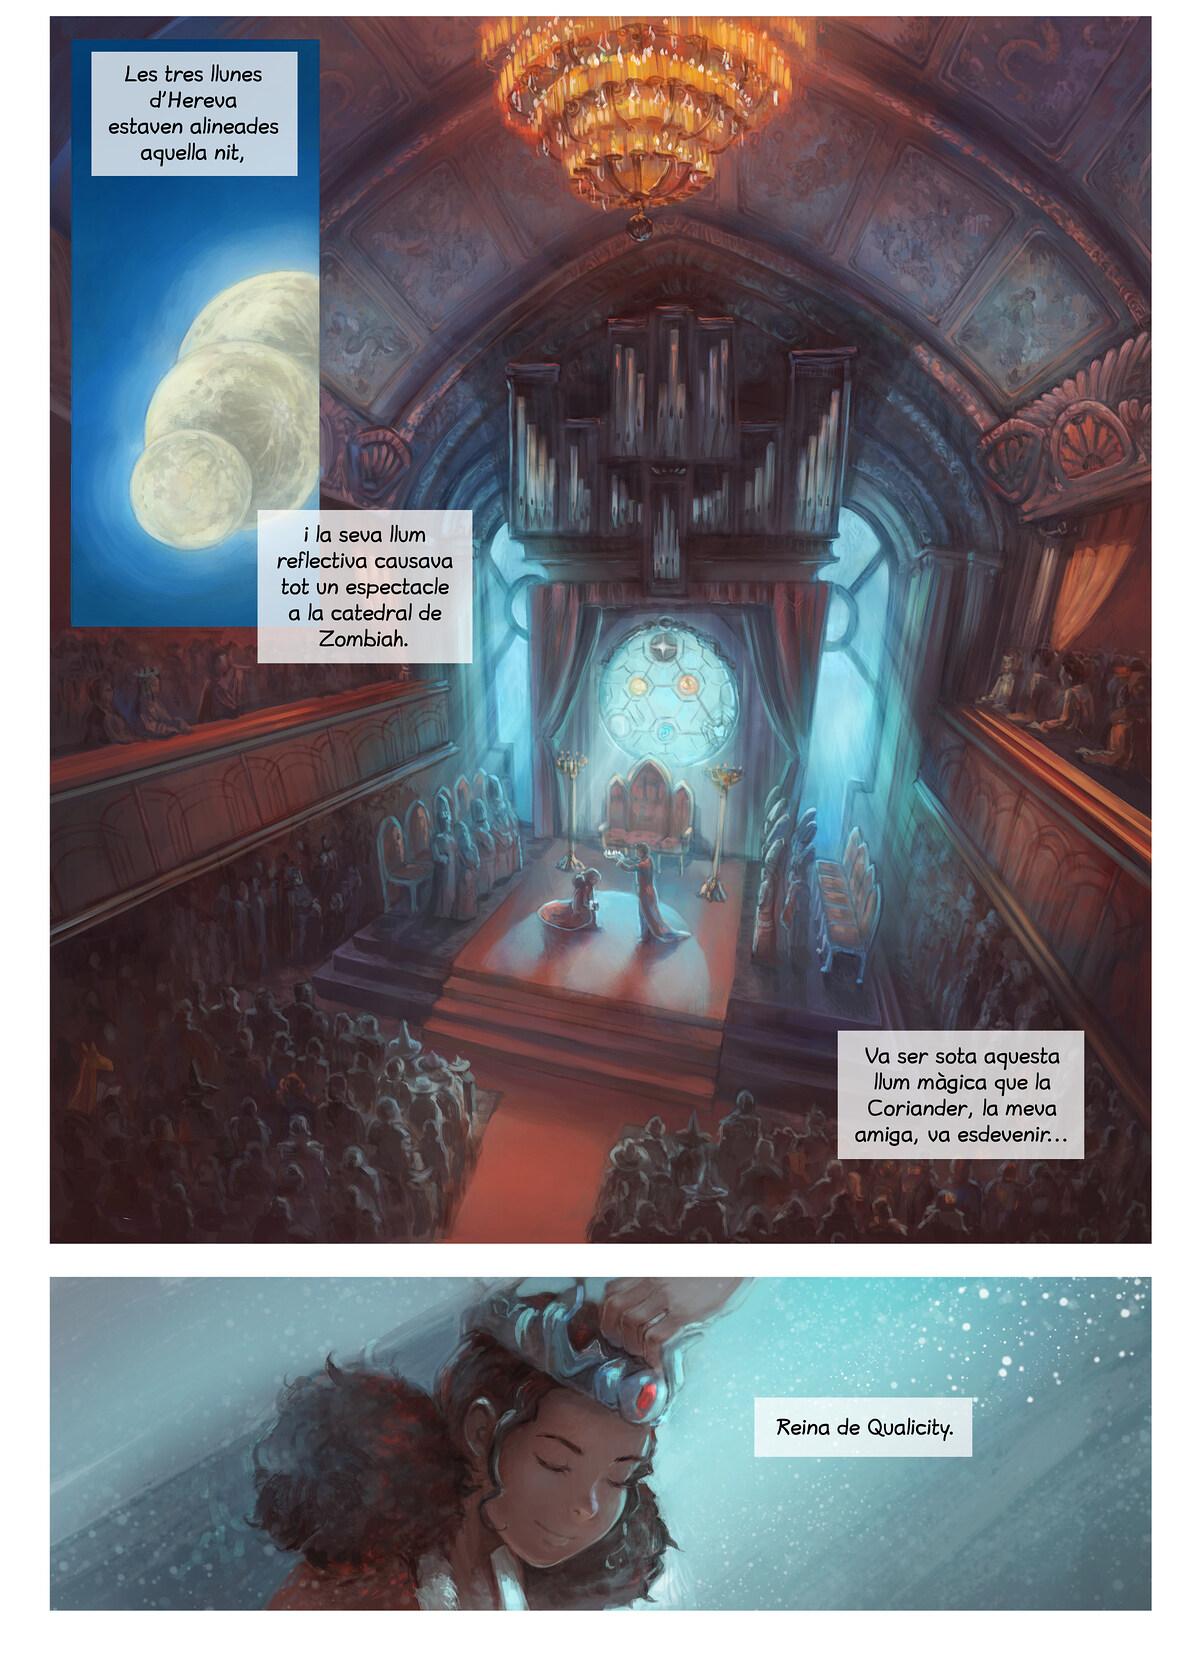 A webcomic page of Pepper&Carrot, episodi 28 [ca], pàgina 1